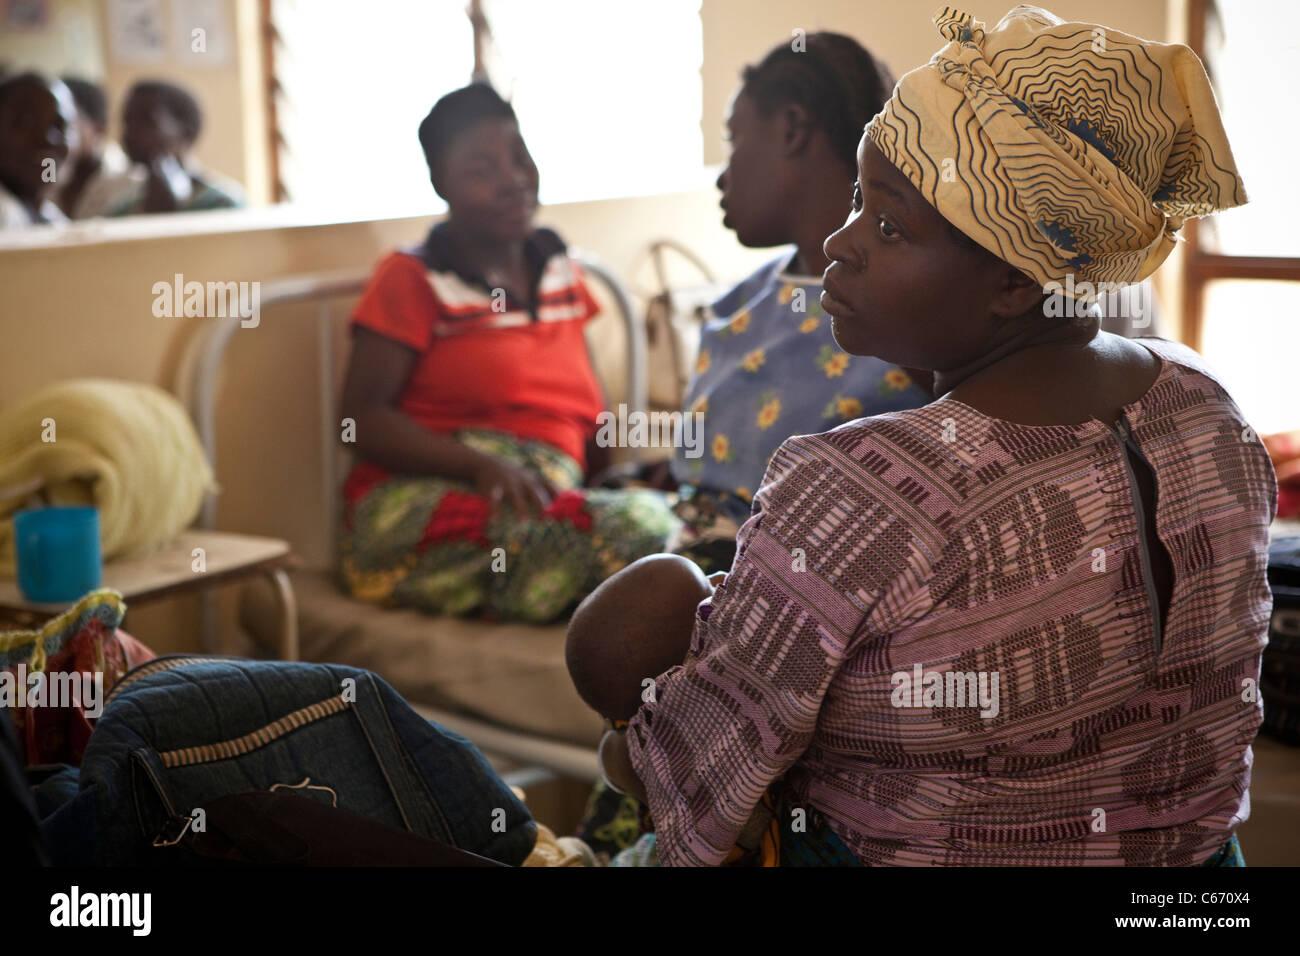 Des femmes siègent à la maternité de l'hôpital de Dedza, Malawi, Afrique du Sud. Photo Stock